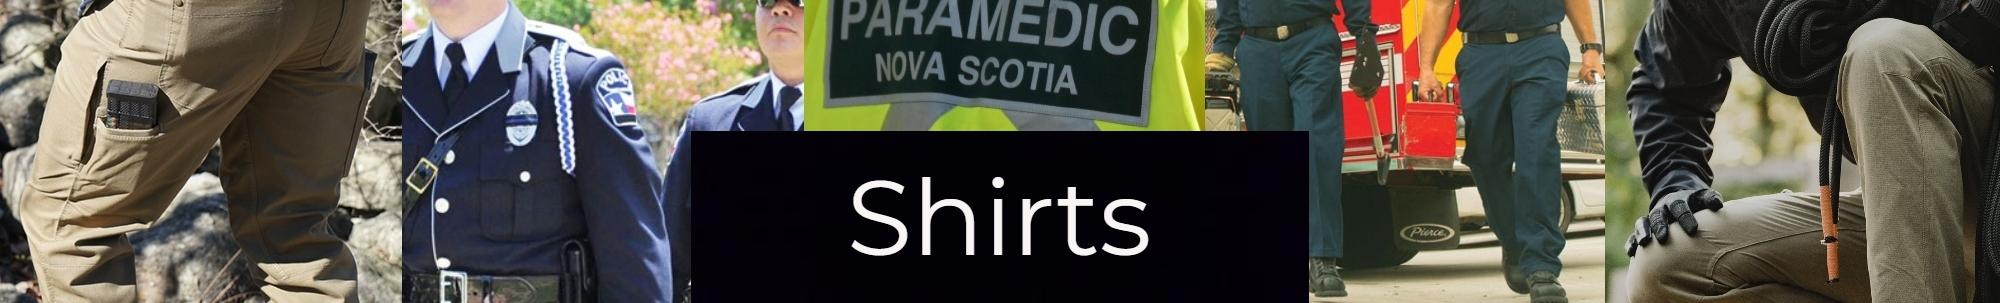 uniforms-shirts.jpg